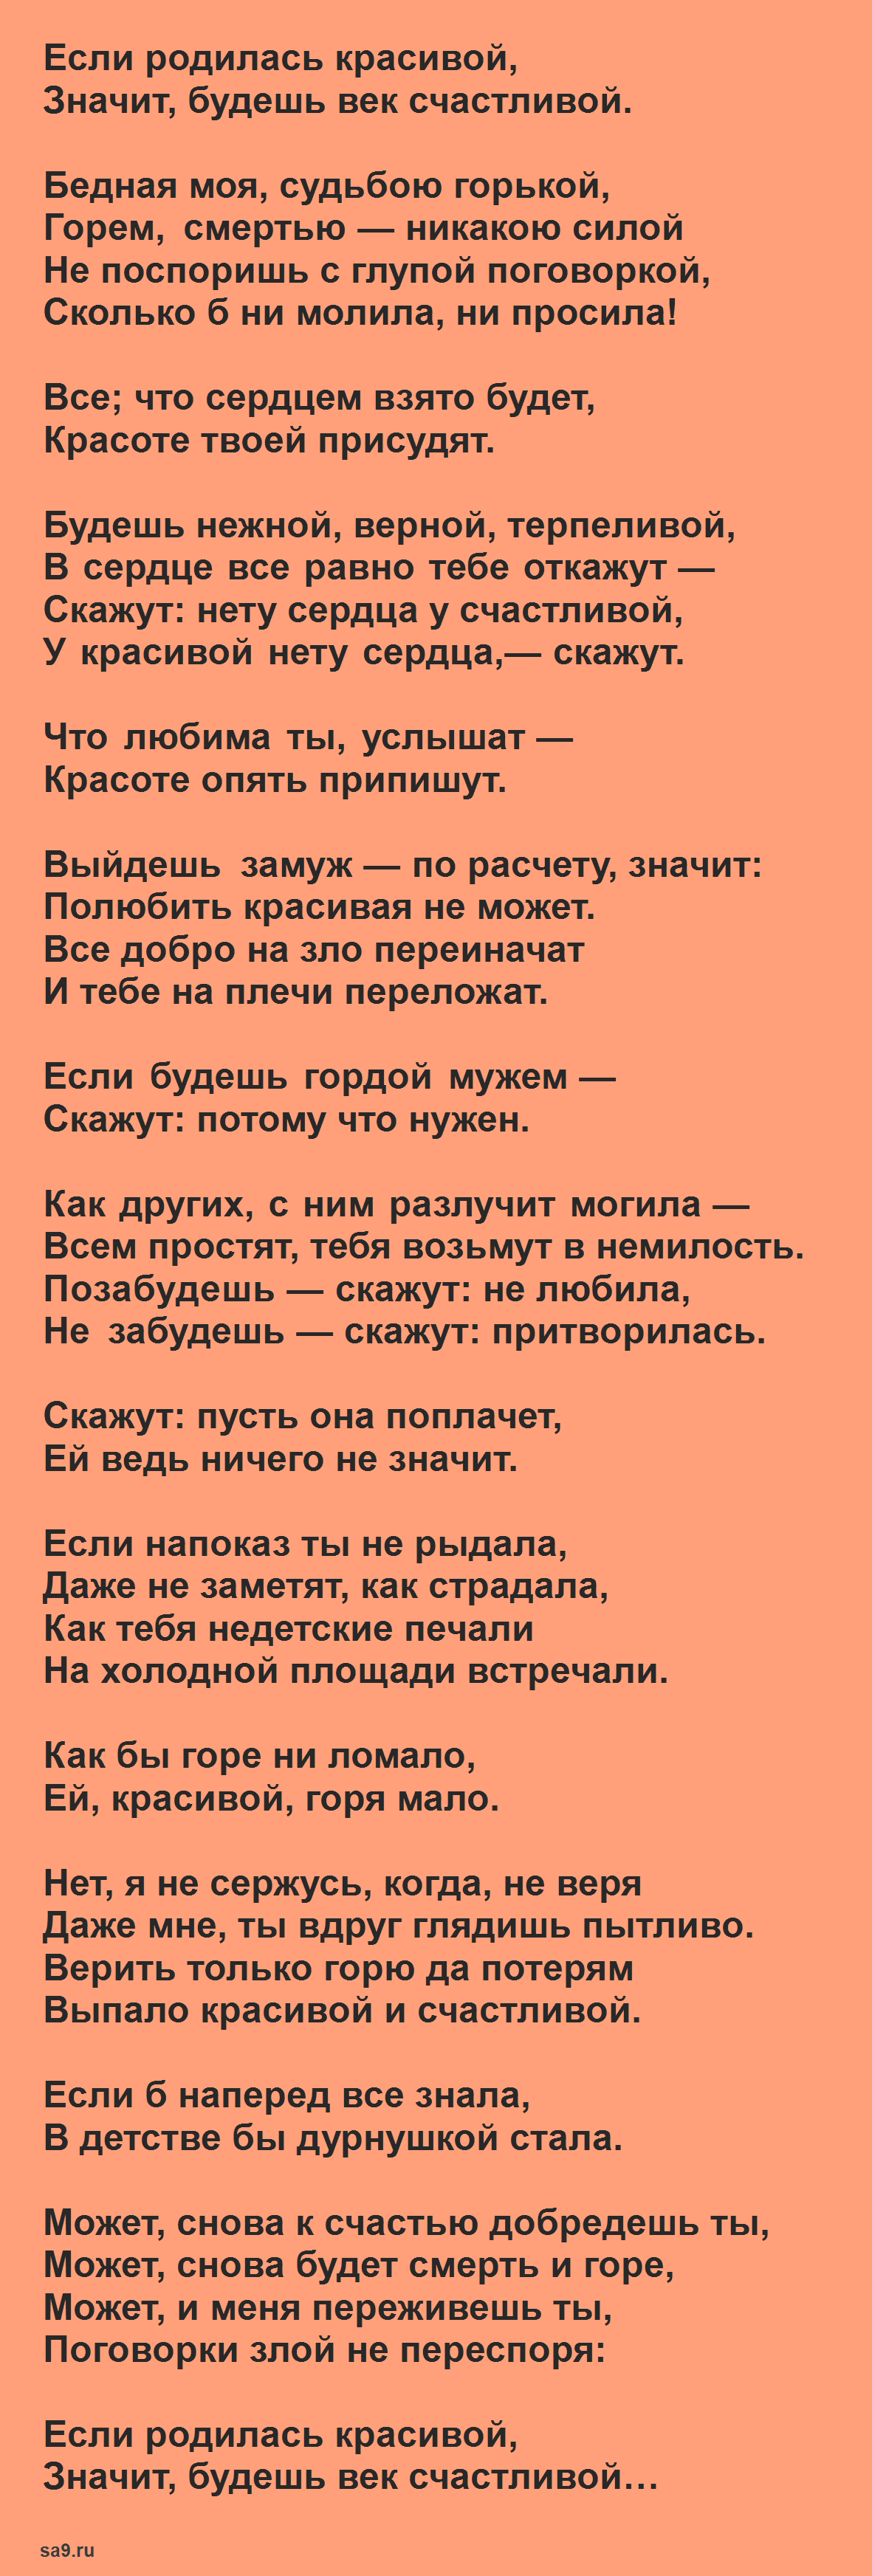 Читать стихи Симонова о любви - Если родилась красивой